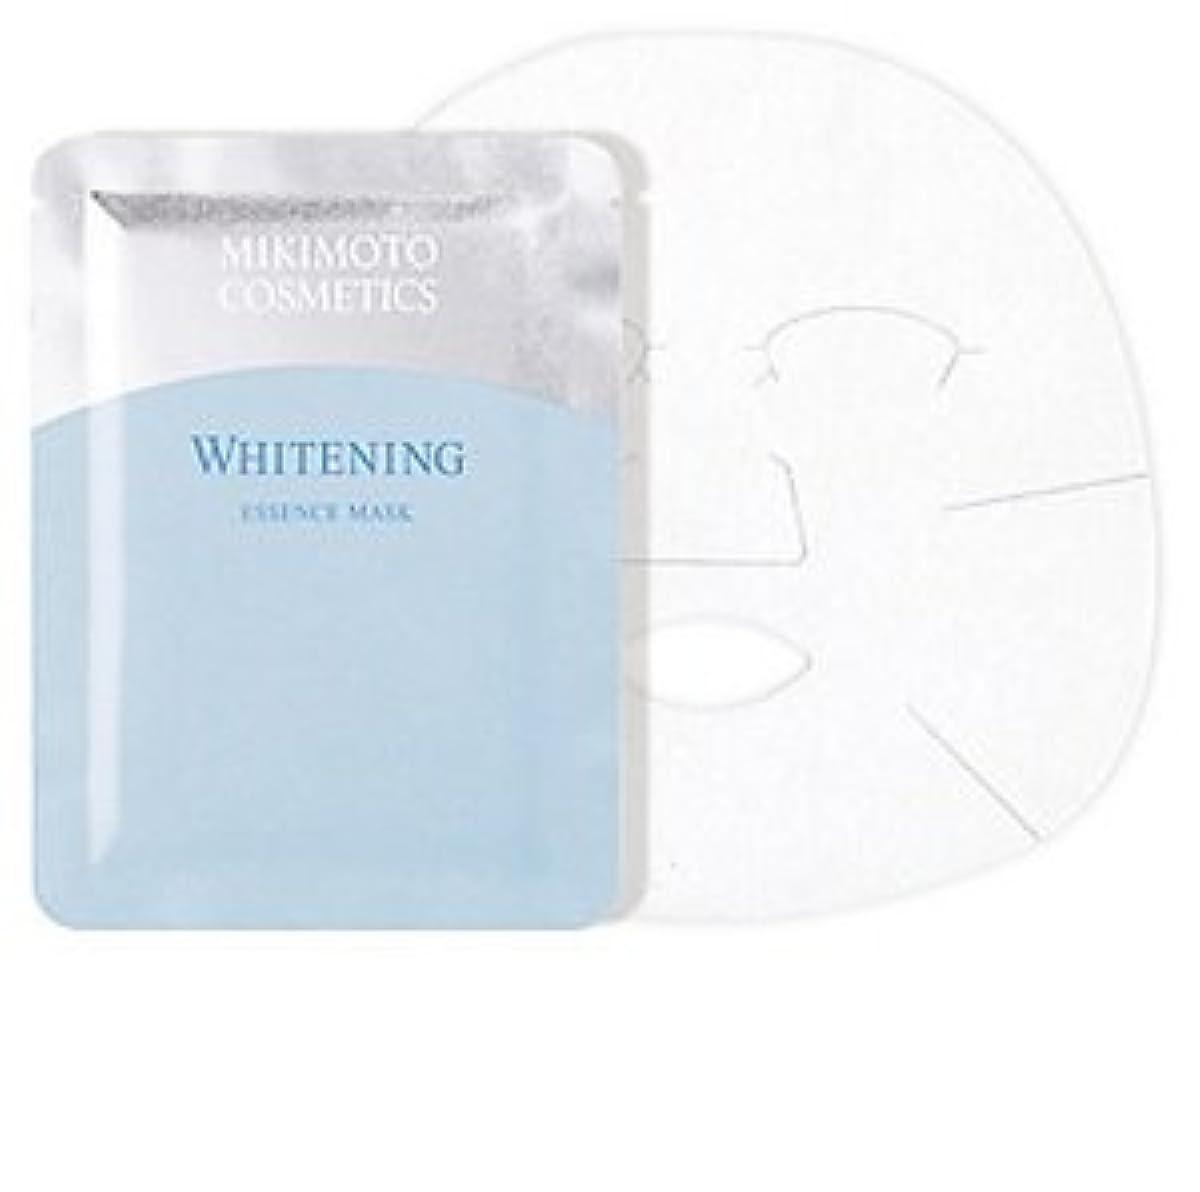 緊急思慮深い提供ミキモト ホワイトニング エッセンス マスク 21mlx6枚入 薬用美白状シートマスク